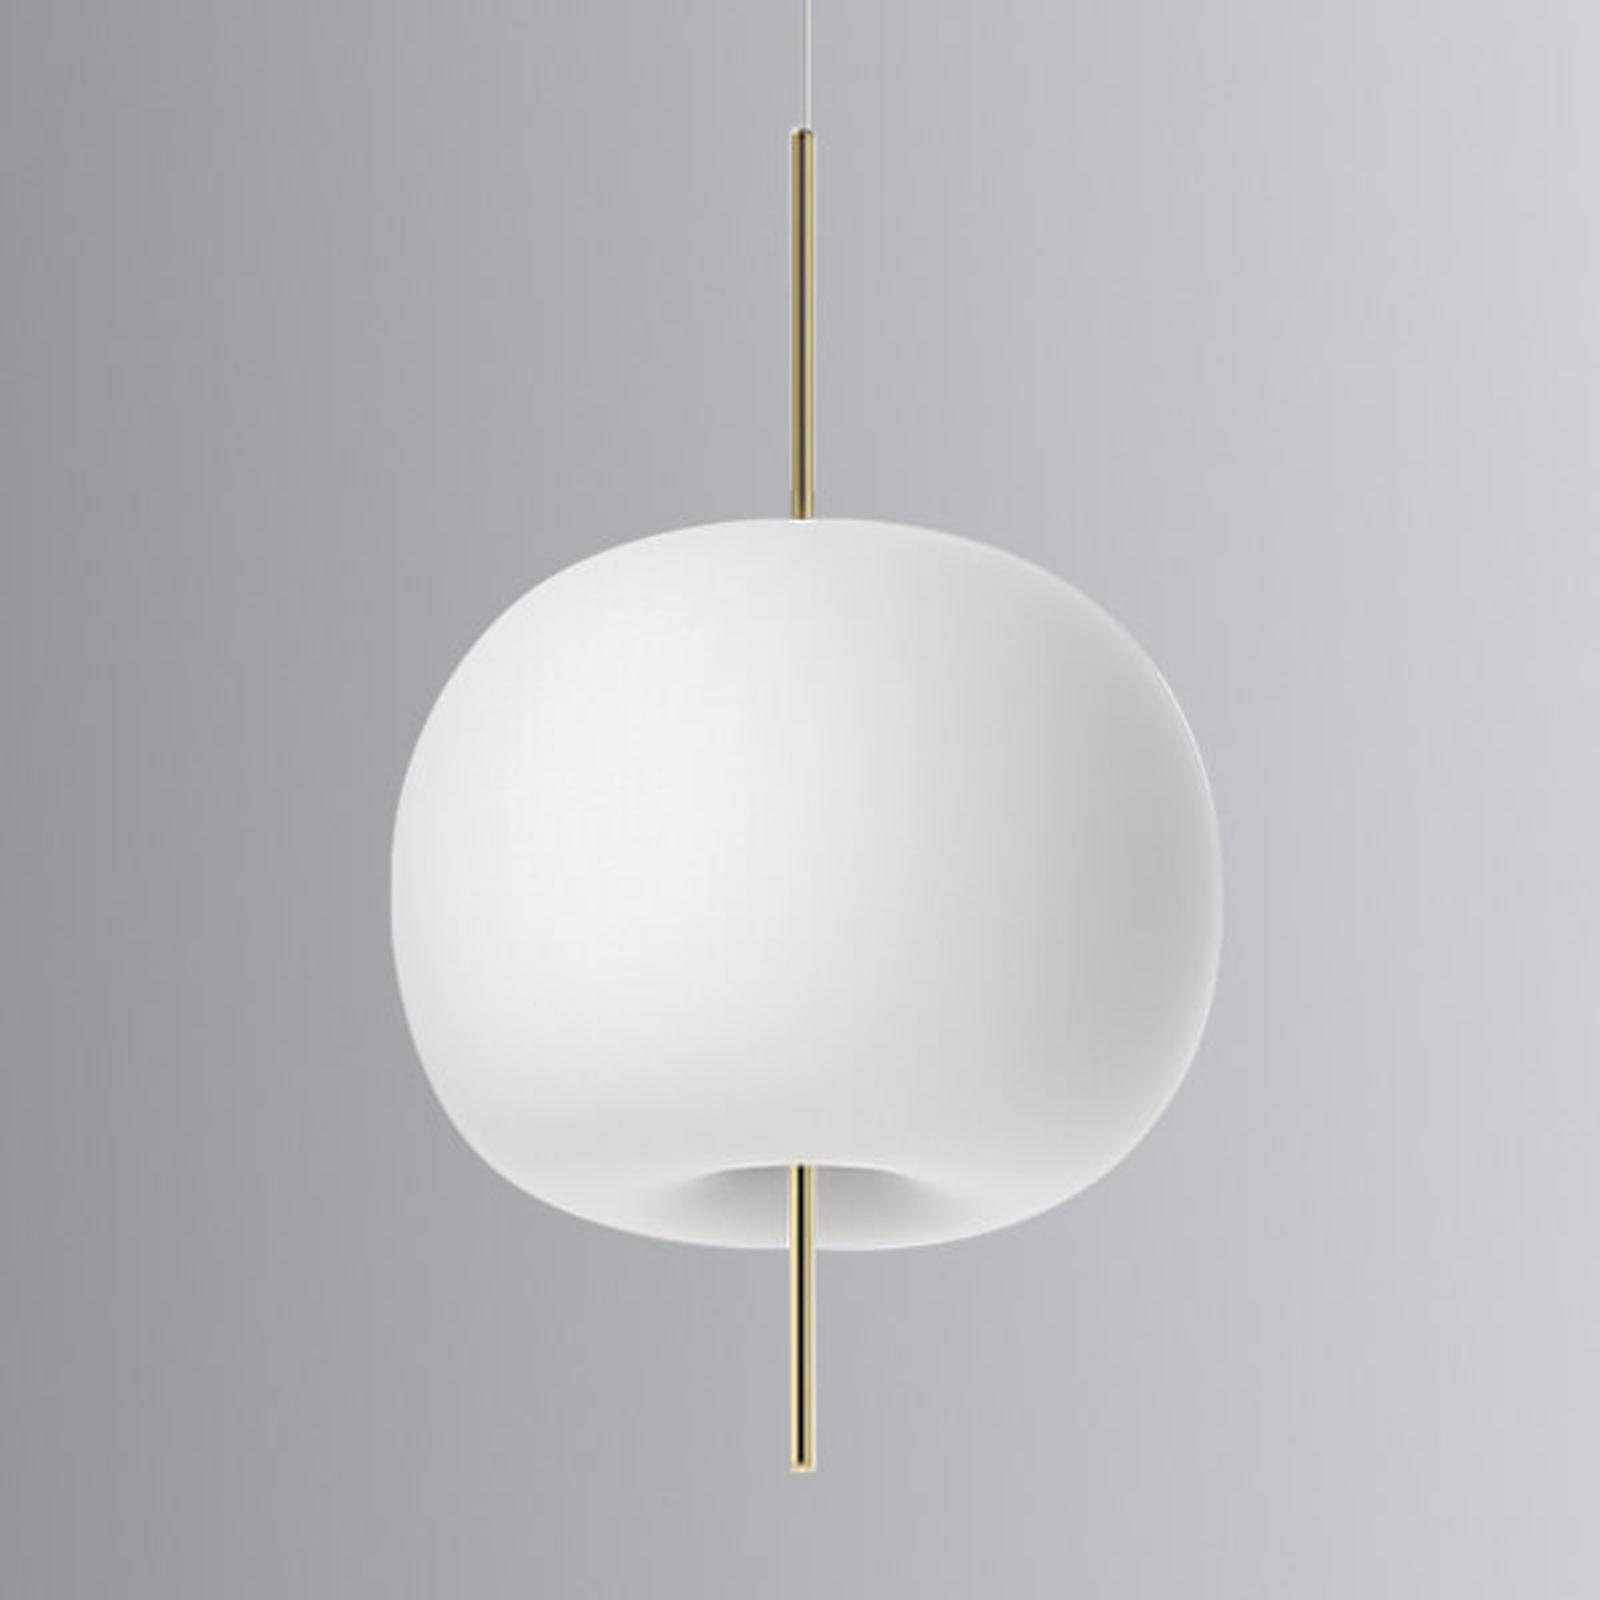 Kundalini Kushi - LED hanglamp messing 33cm